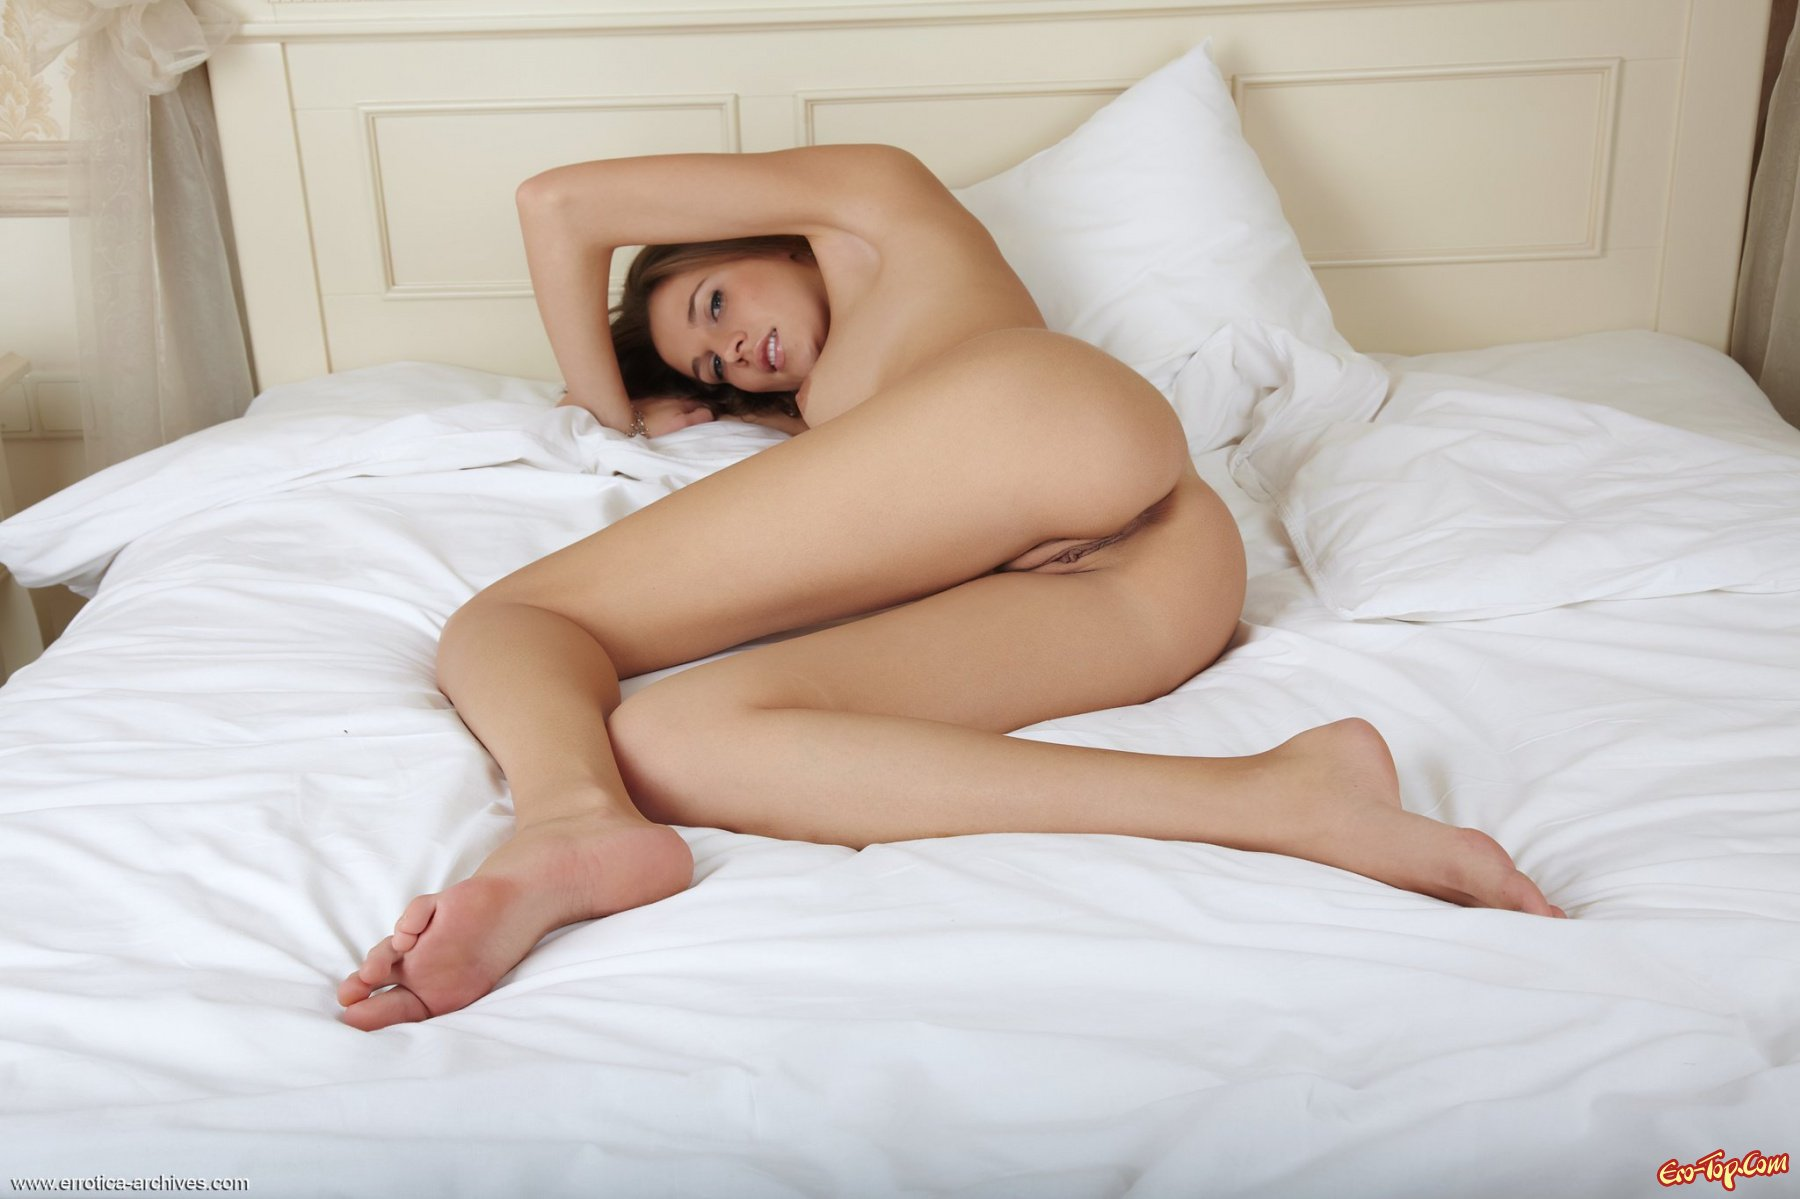 Фото голых девушек впостели 9 фотография